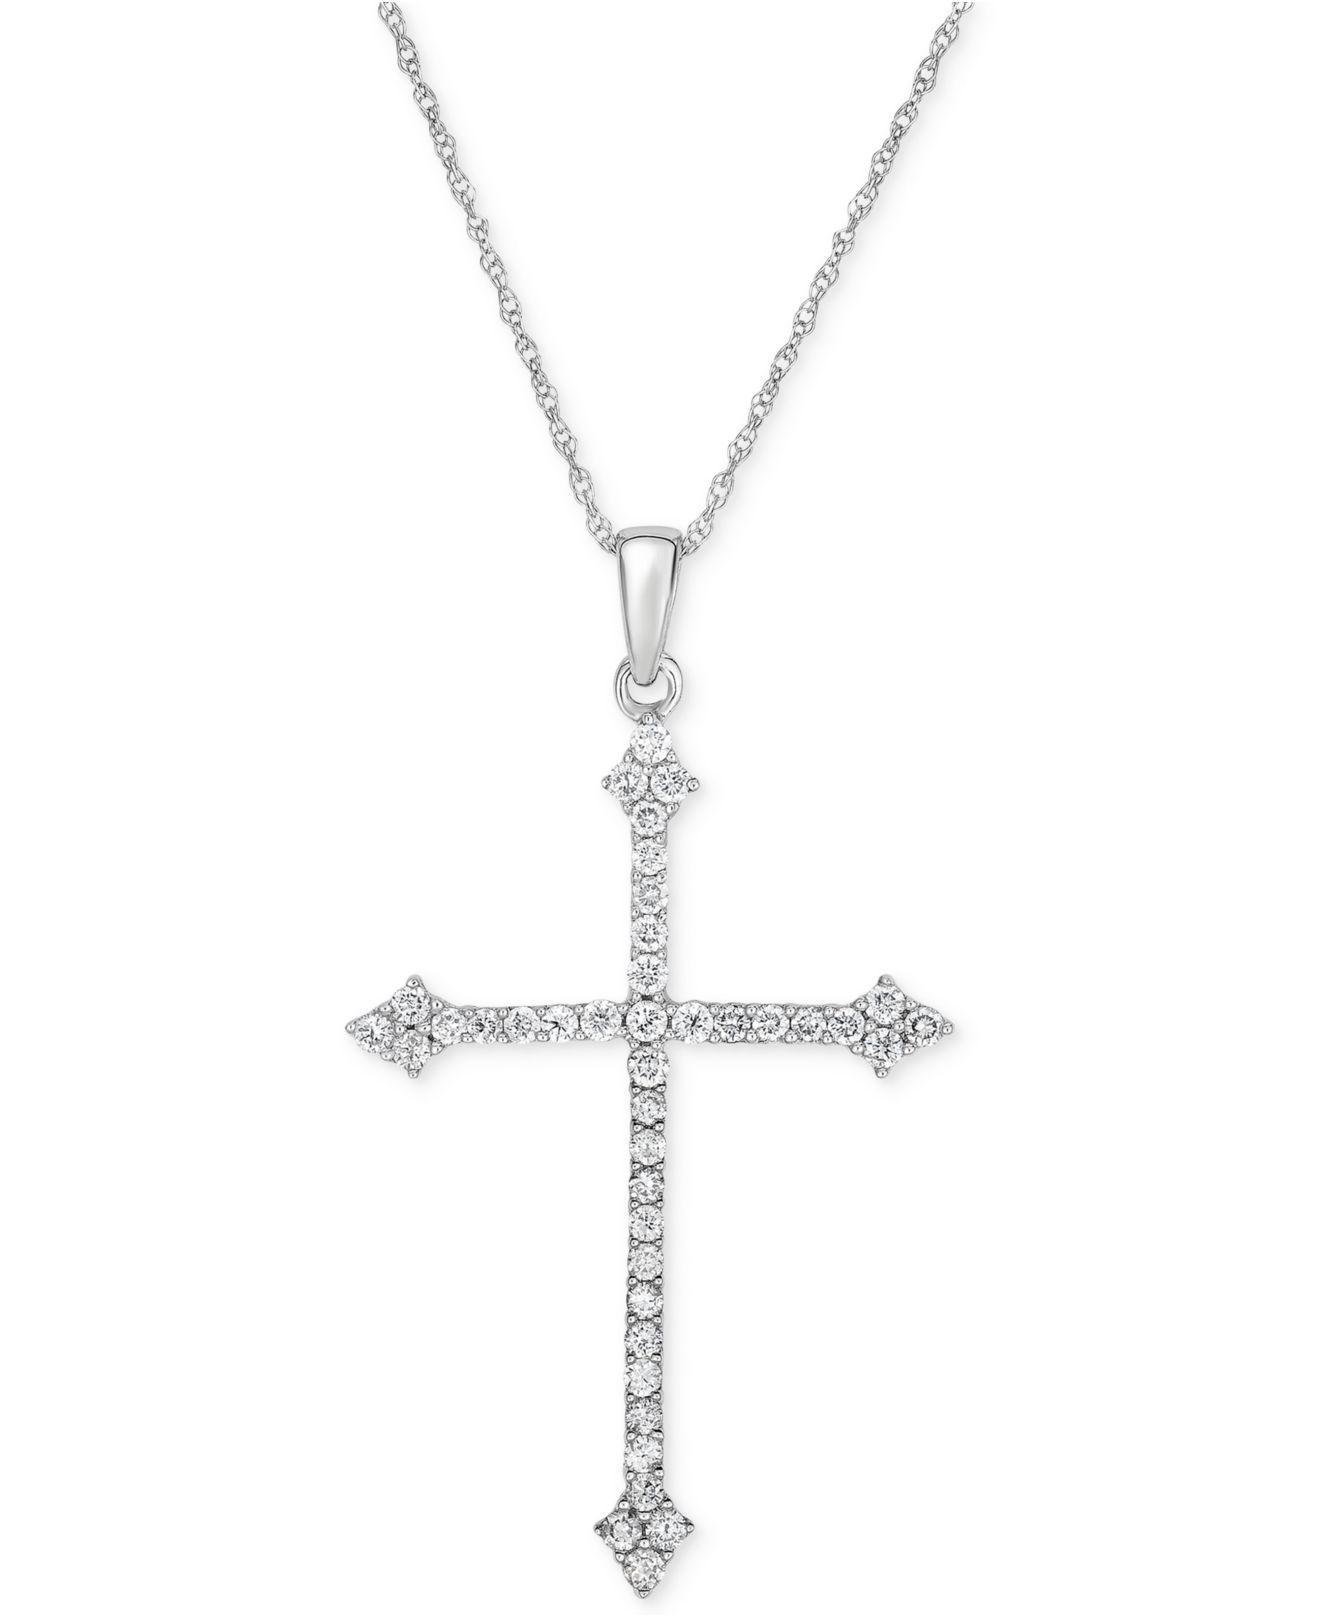 7fd01cd515ed0 Macy s. Women s Metallic Diamond Cross Pendant Necklace (1 2 Ct. T.w.) In 14k  White Gold